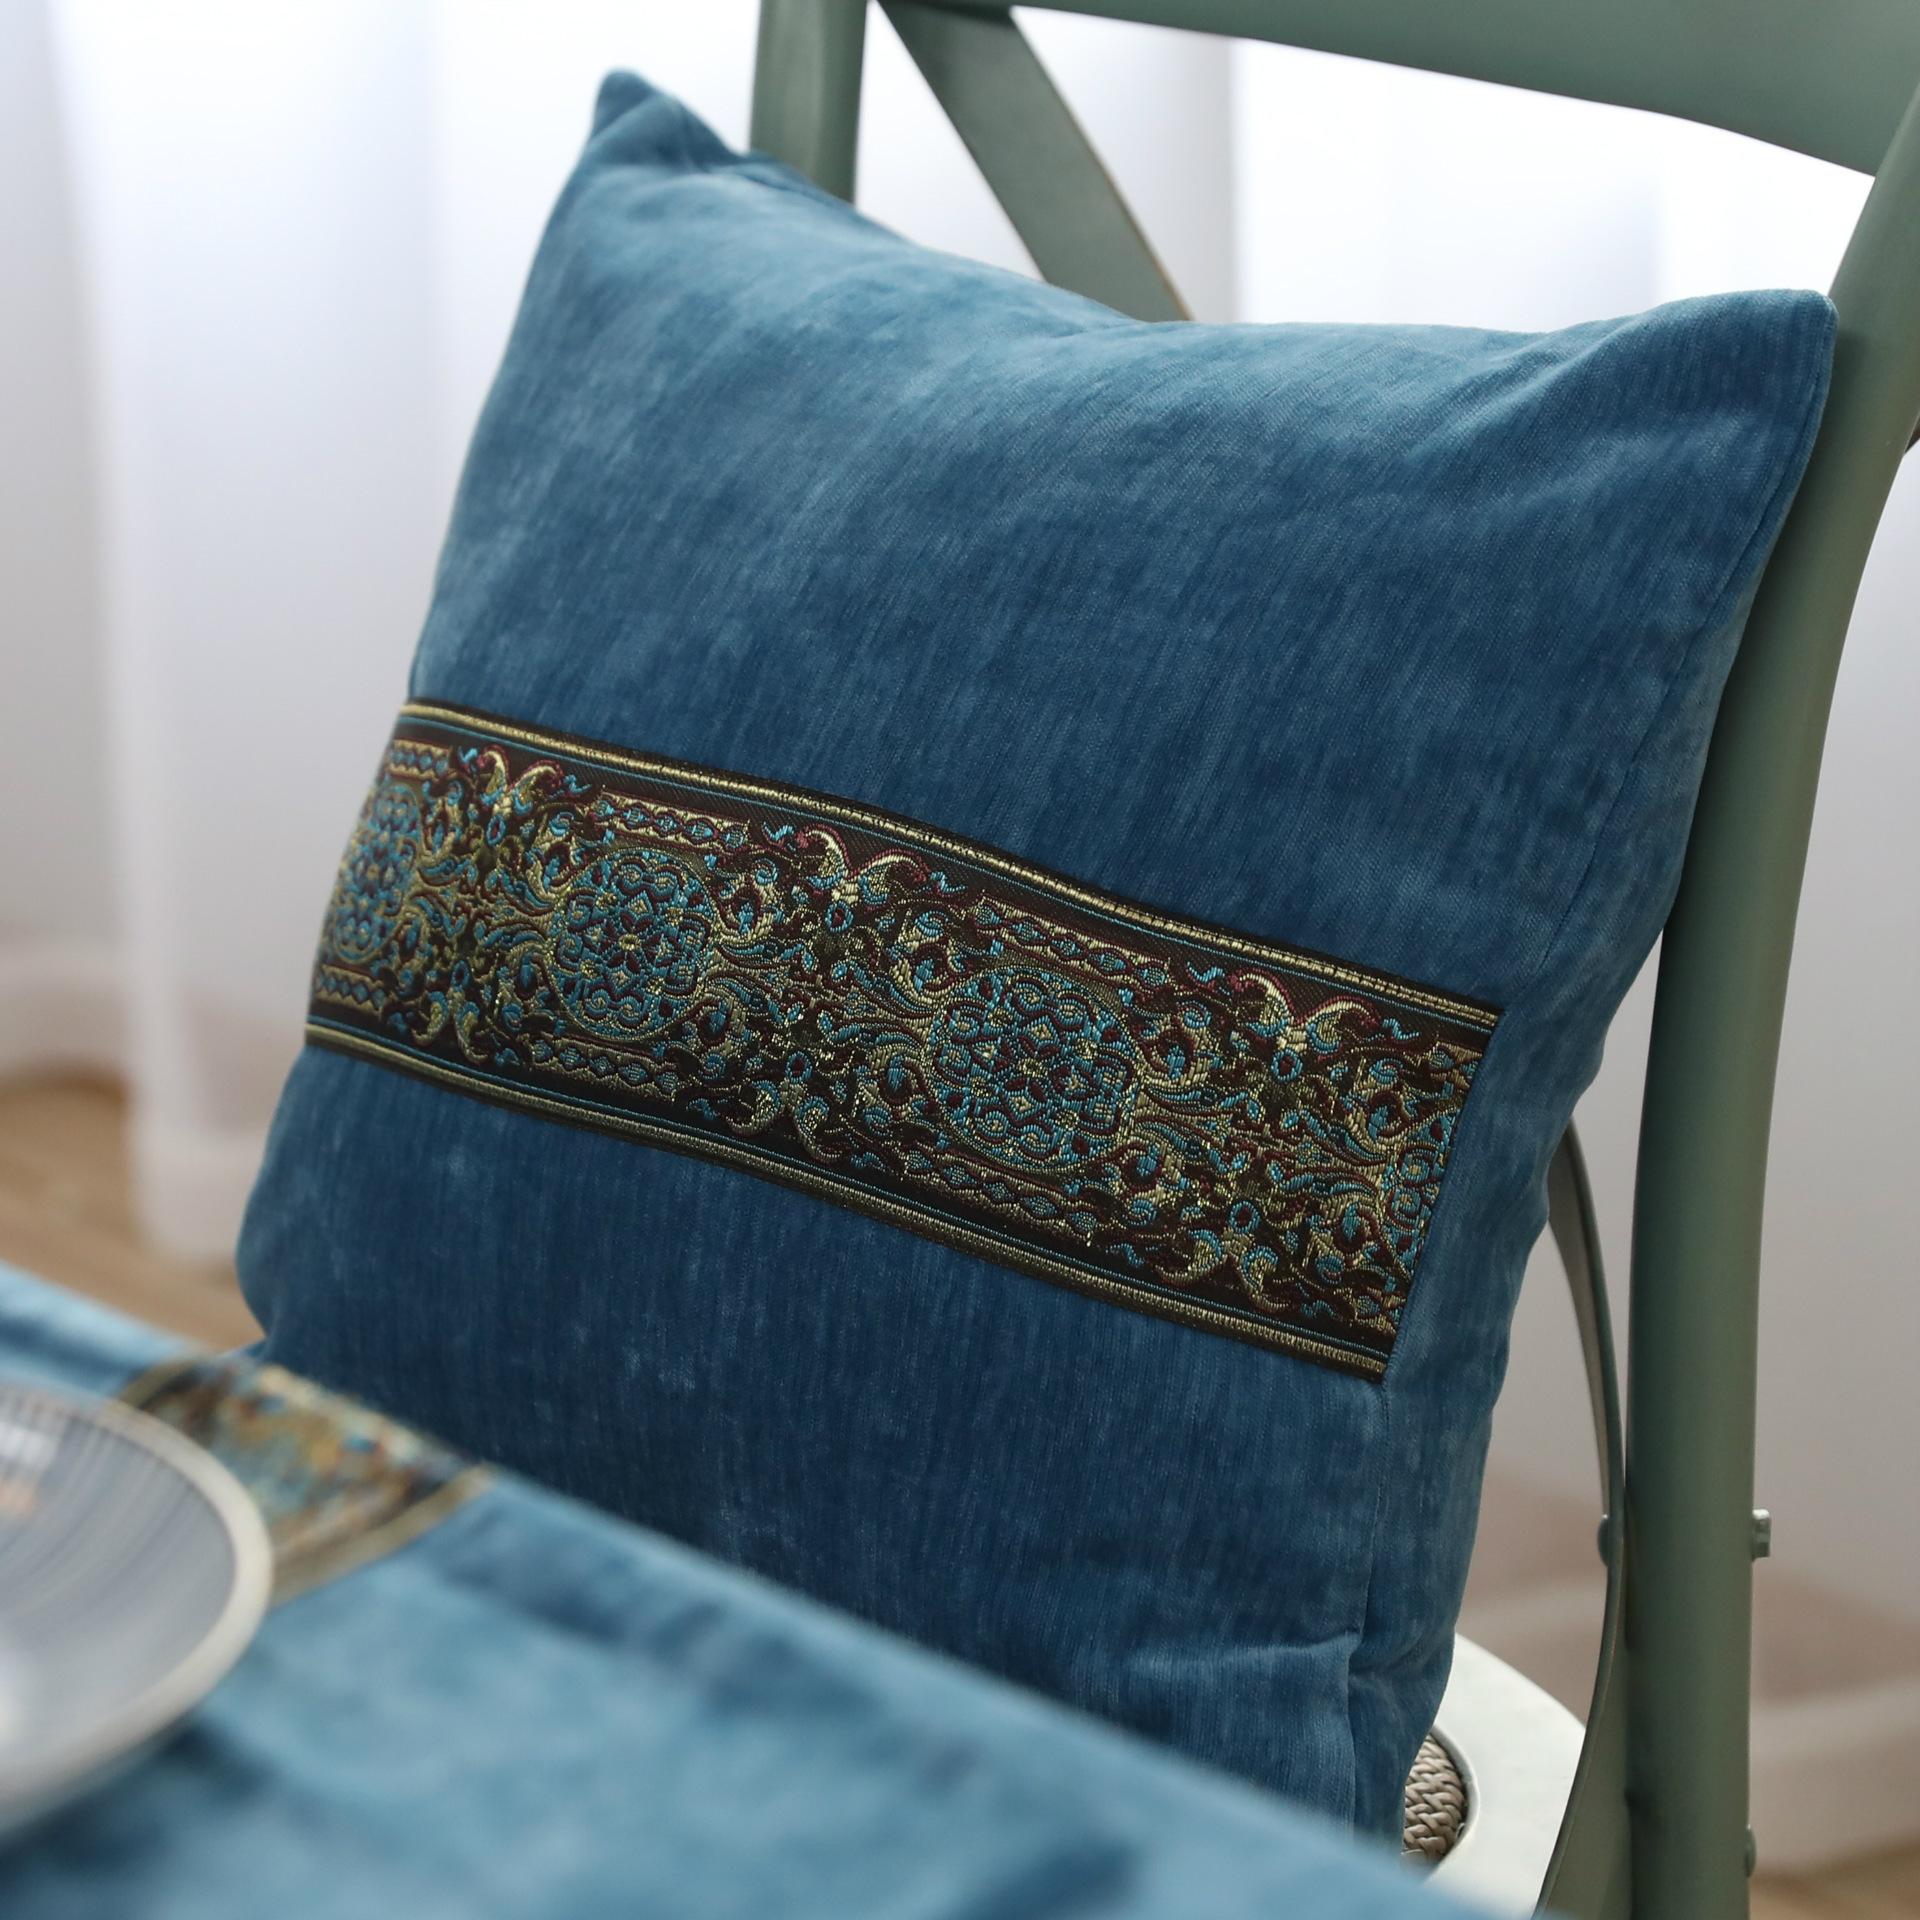 绣花绒面抱枕靠垫纯色抱枕沙发靠枕床头靠背枕抱枕套蓝色不含芯